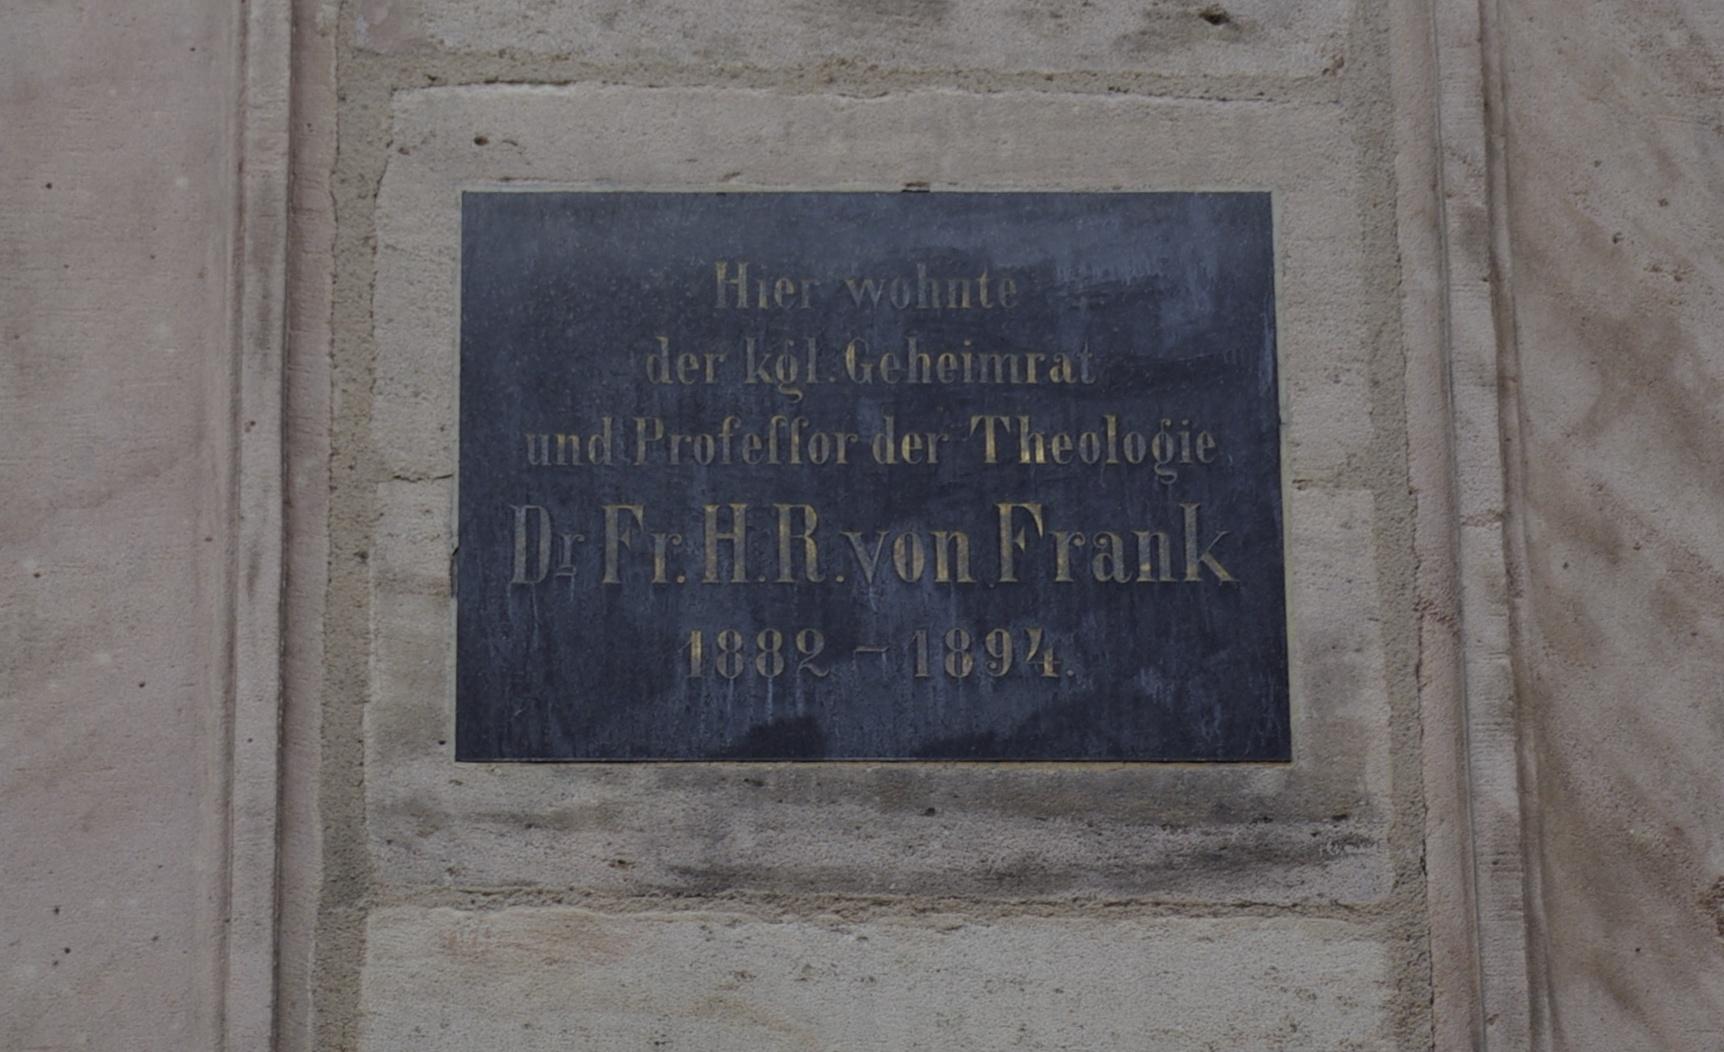 Franz Hermann Reinhold von Frank